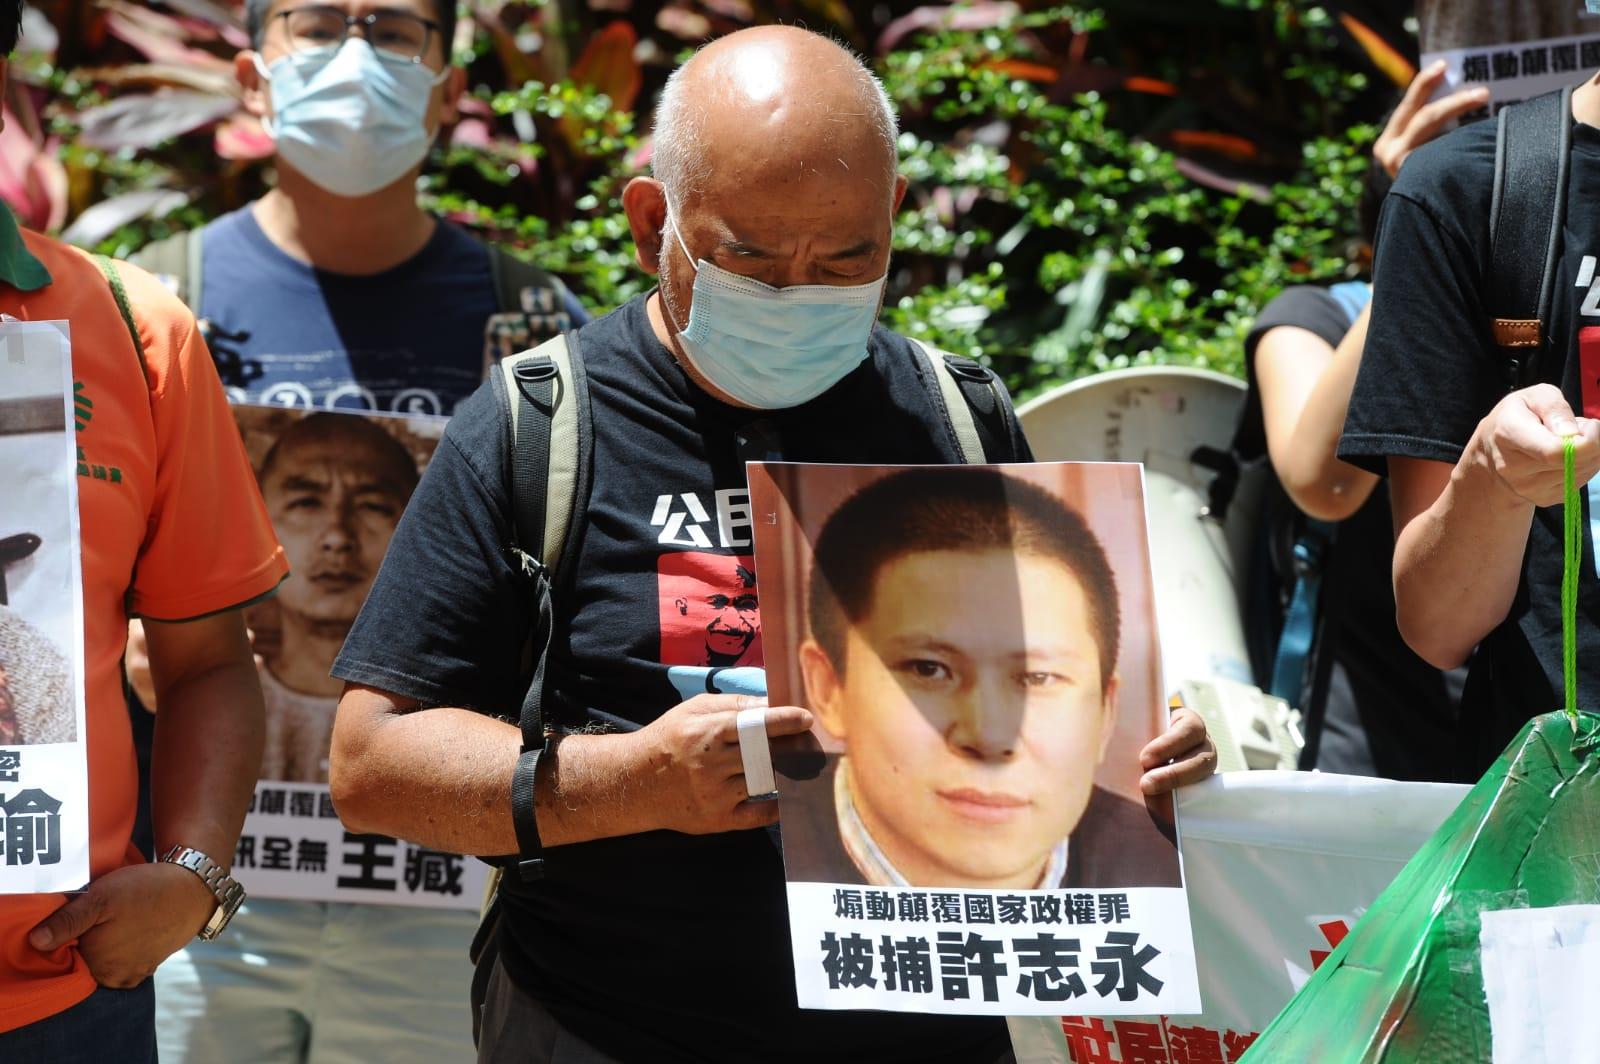 社民連手舉中國大陸一些因「顛覆國家政權罪」而遭到中共關押的人士的圖片。(宋碧龍/大紀元)